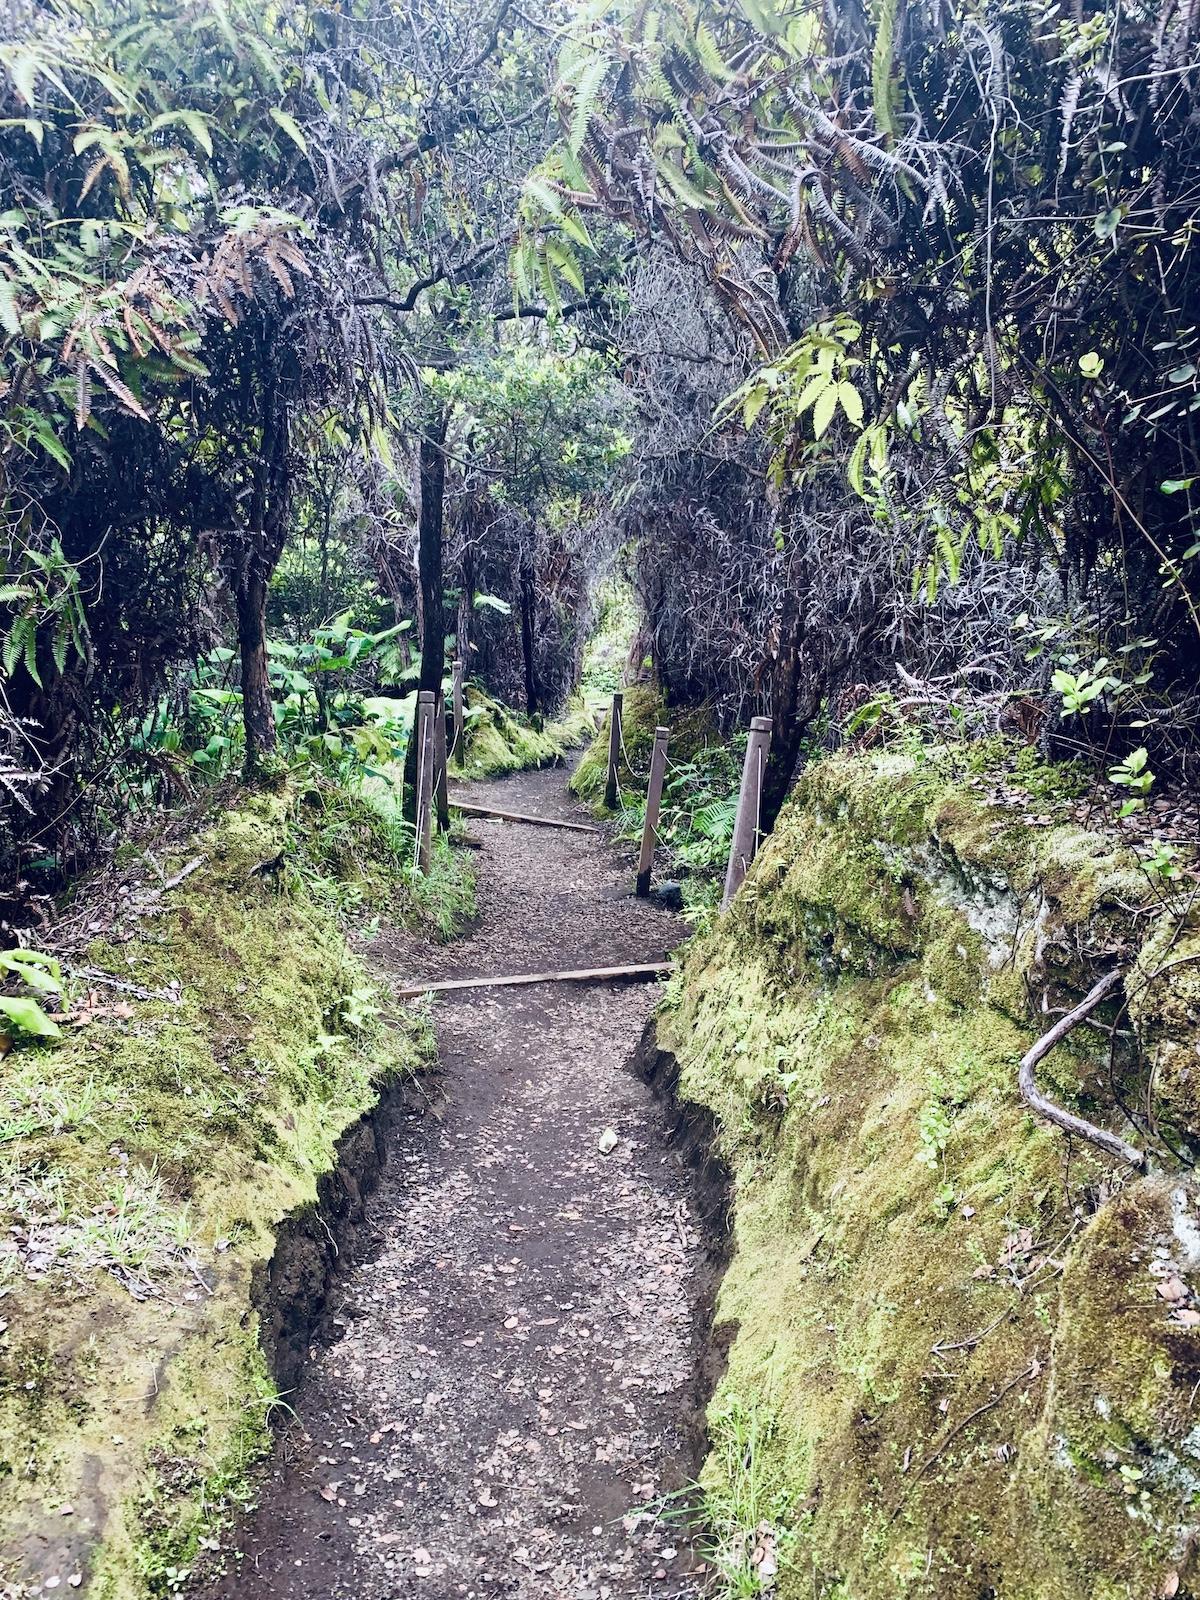 Kilauea Caldera Tropical Forest Walk